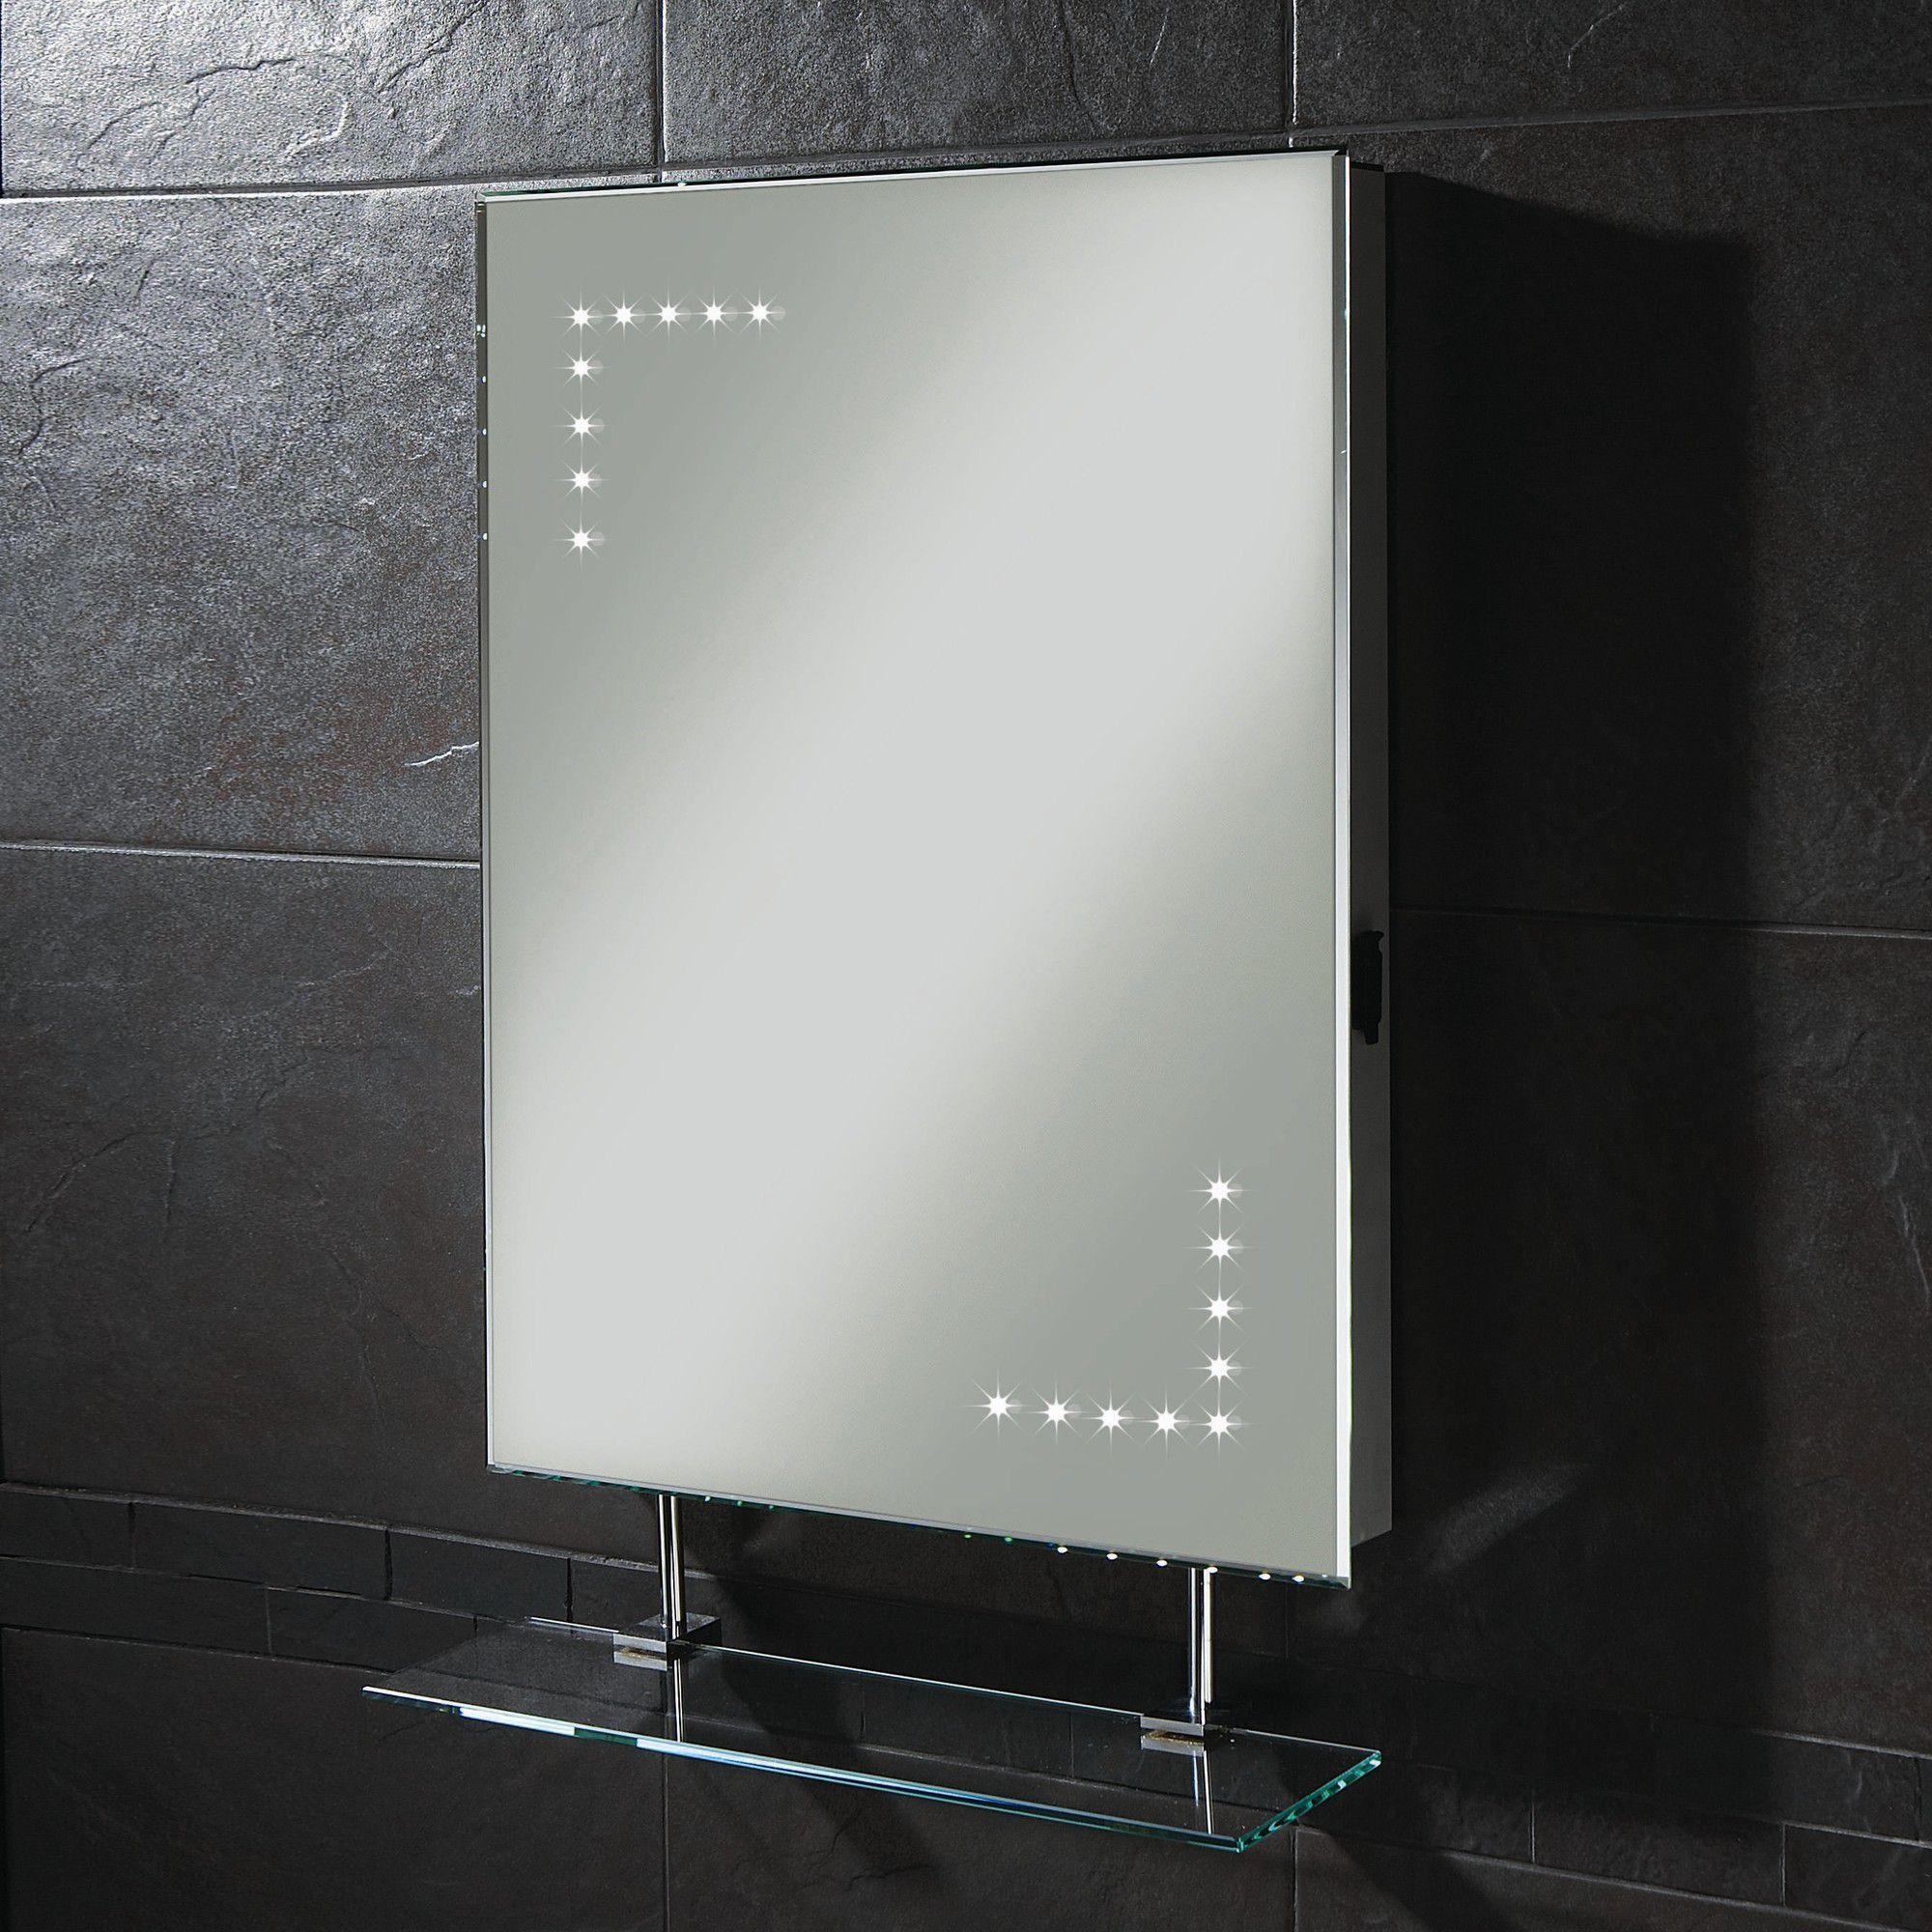 HIB Celeste LED Shaving Light at Tesco Direct